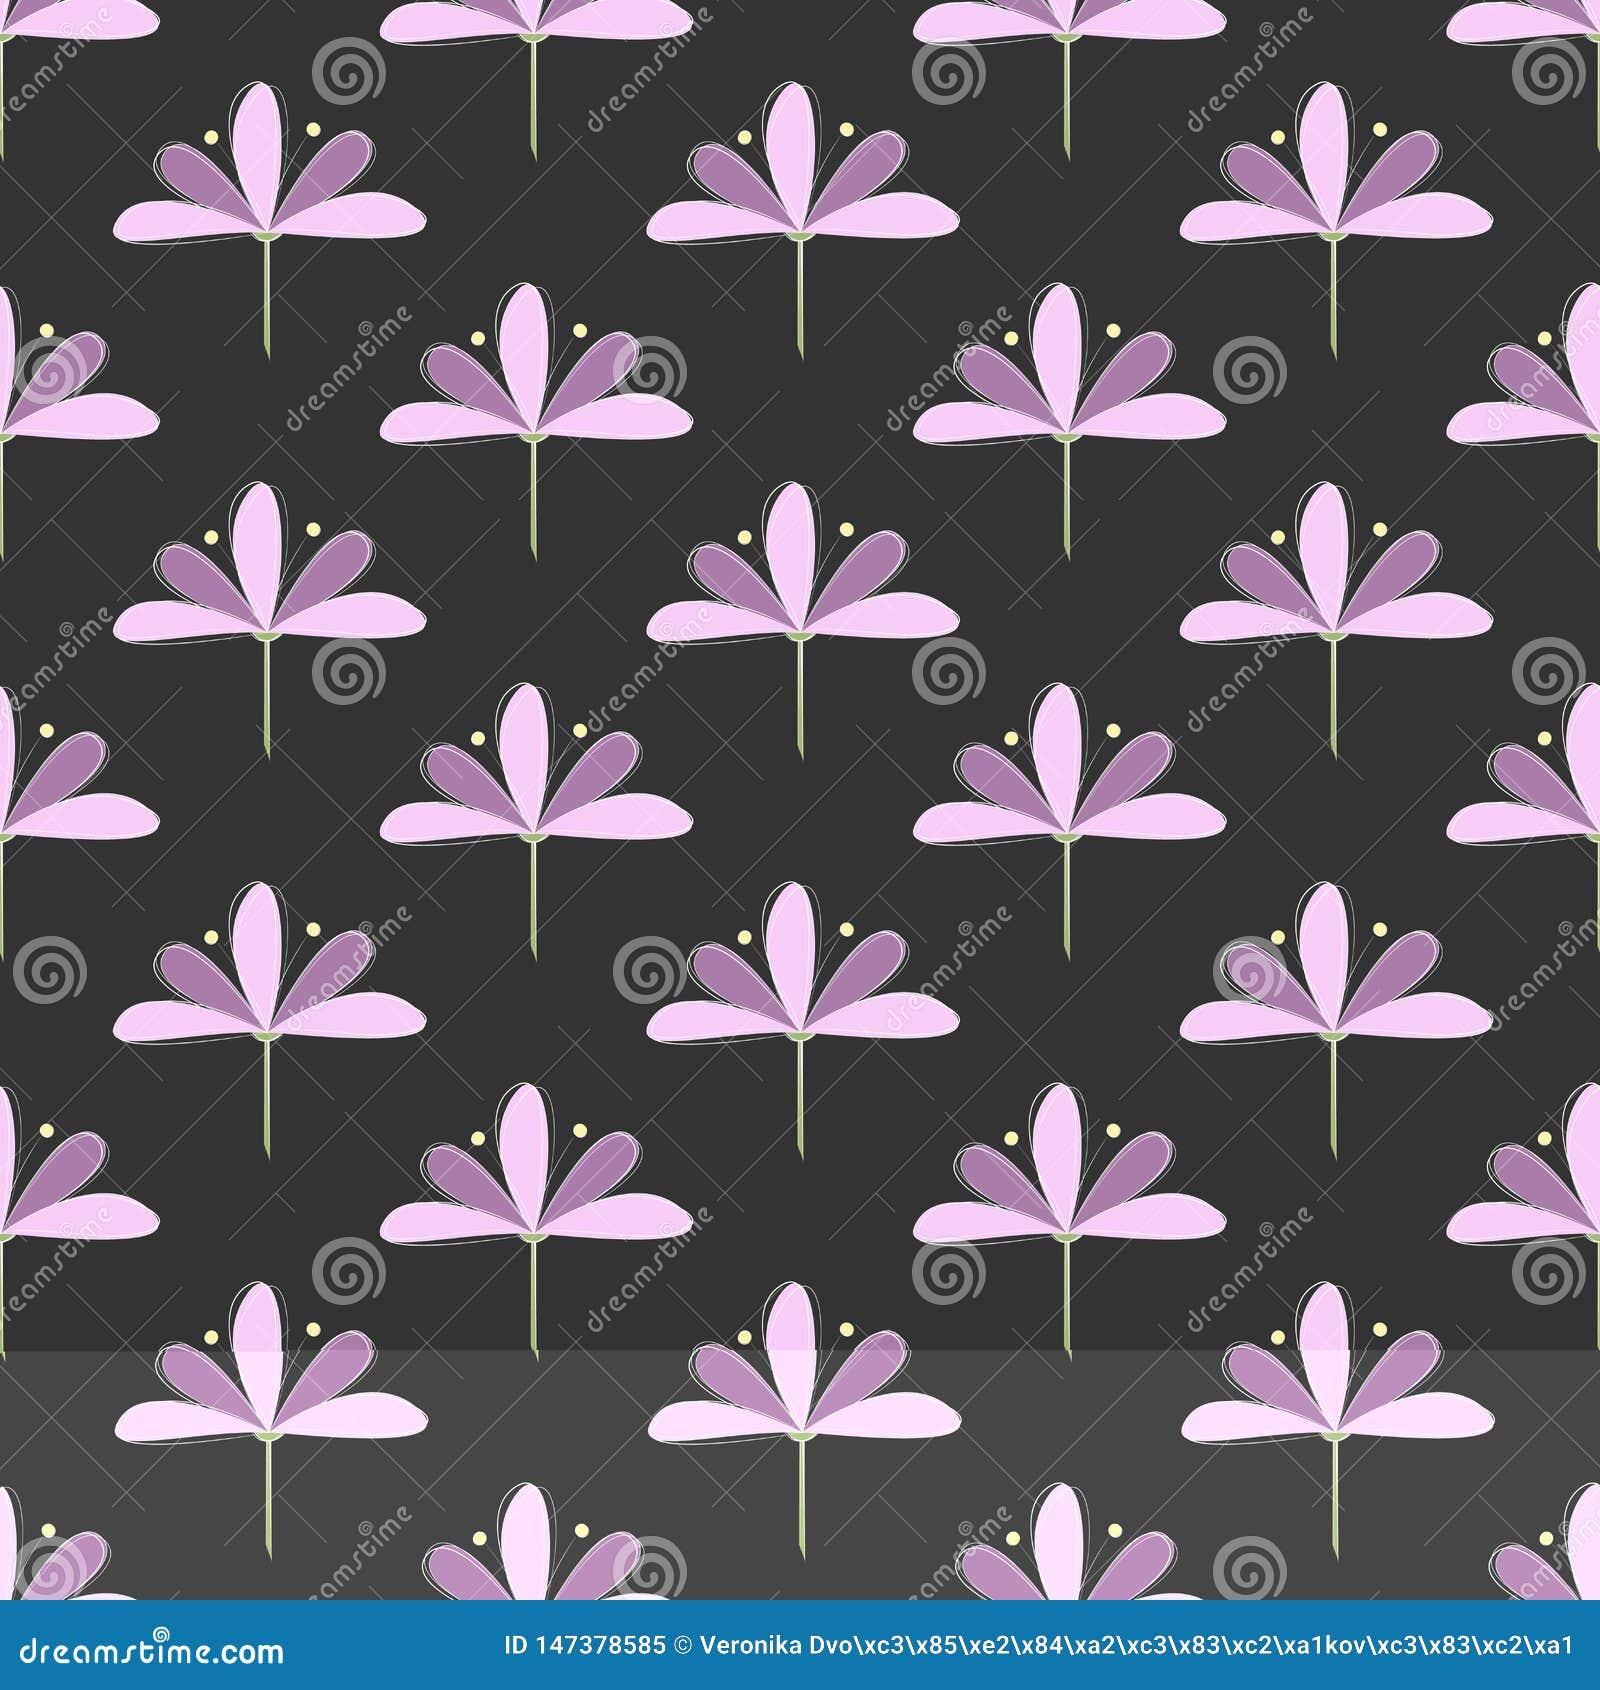 Teste padrão sem emenda: Repetindo o und Violet Blooms de Lila no fundo escuro